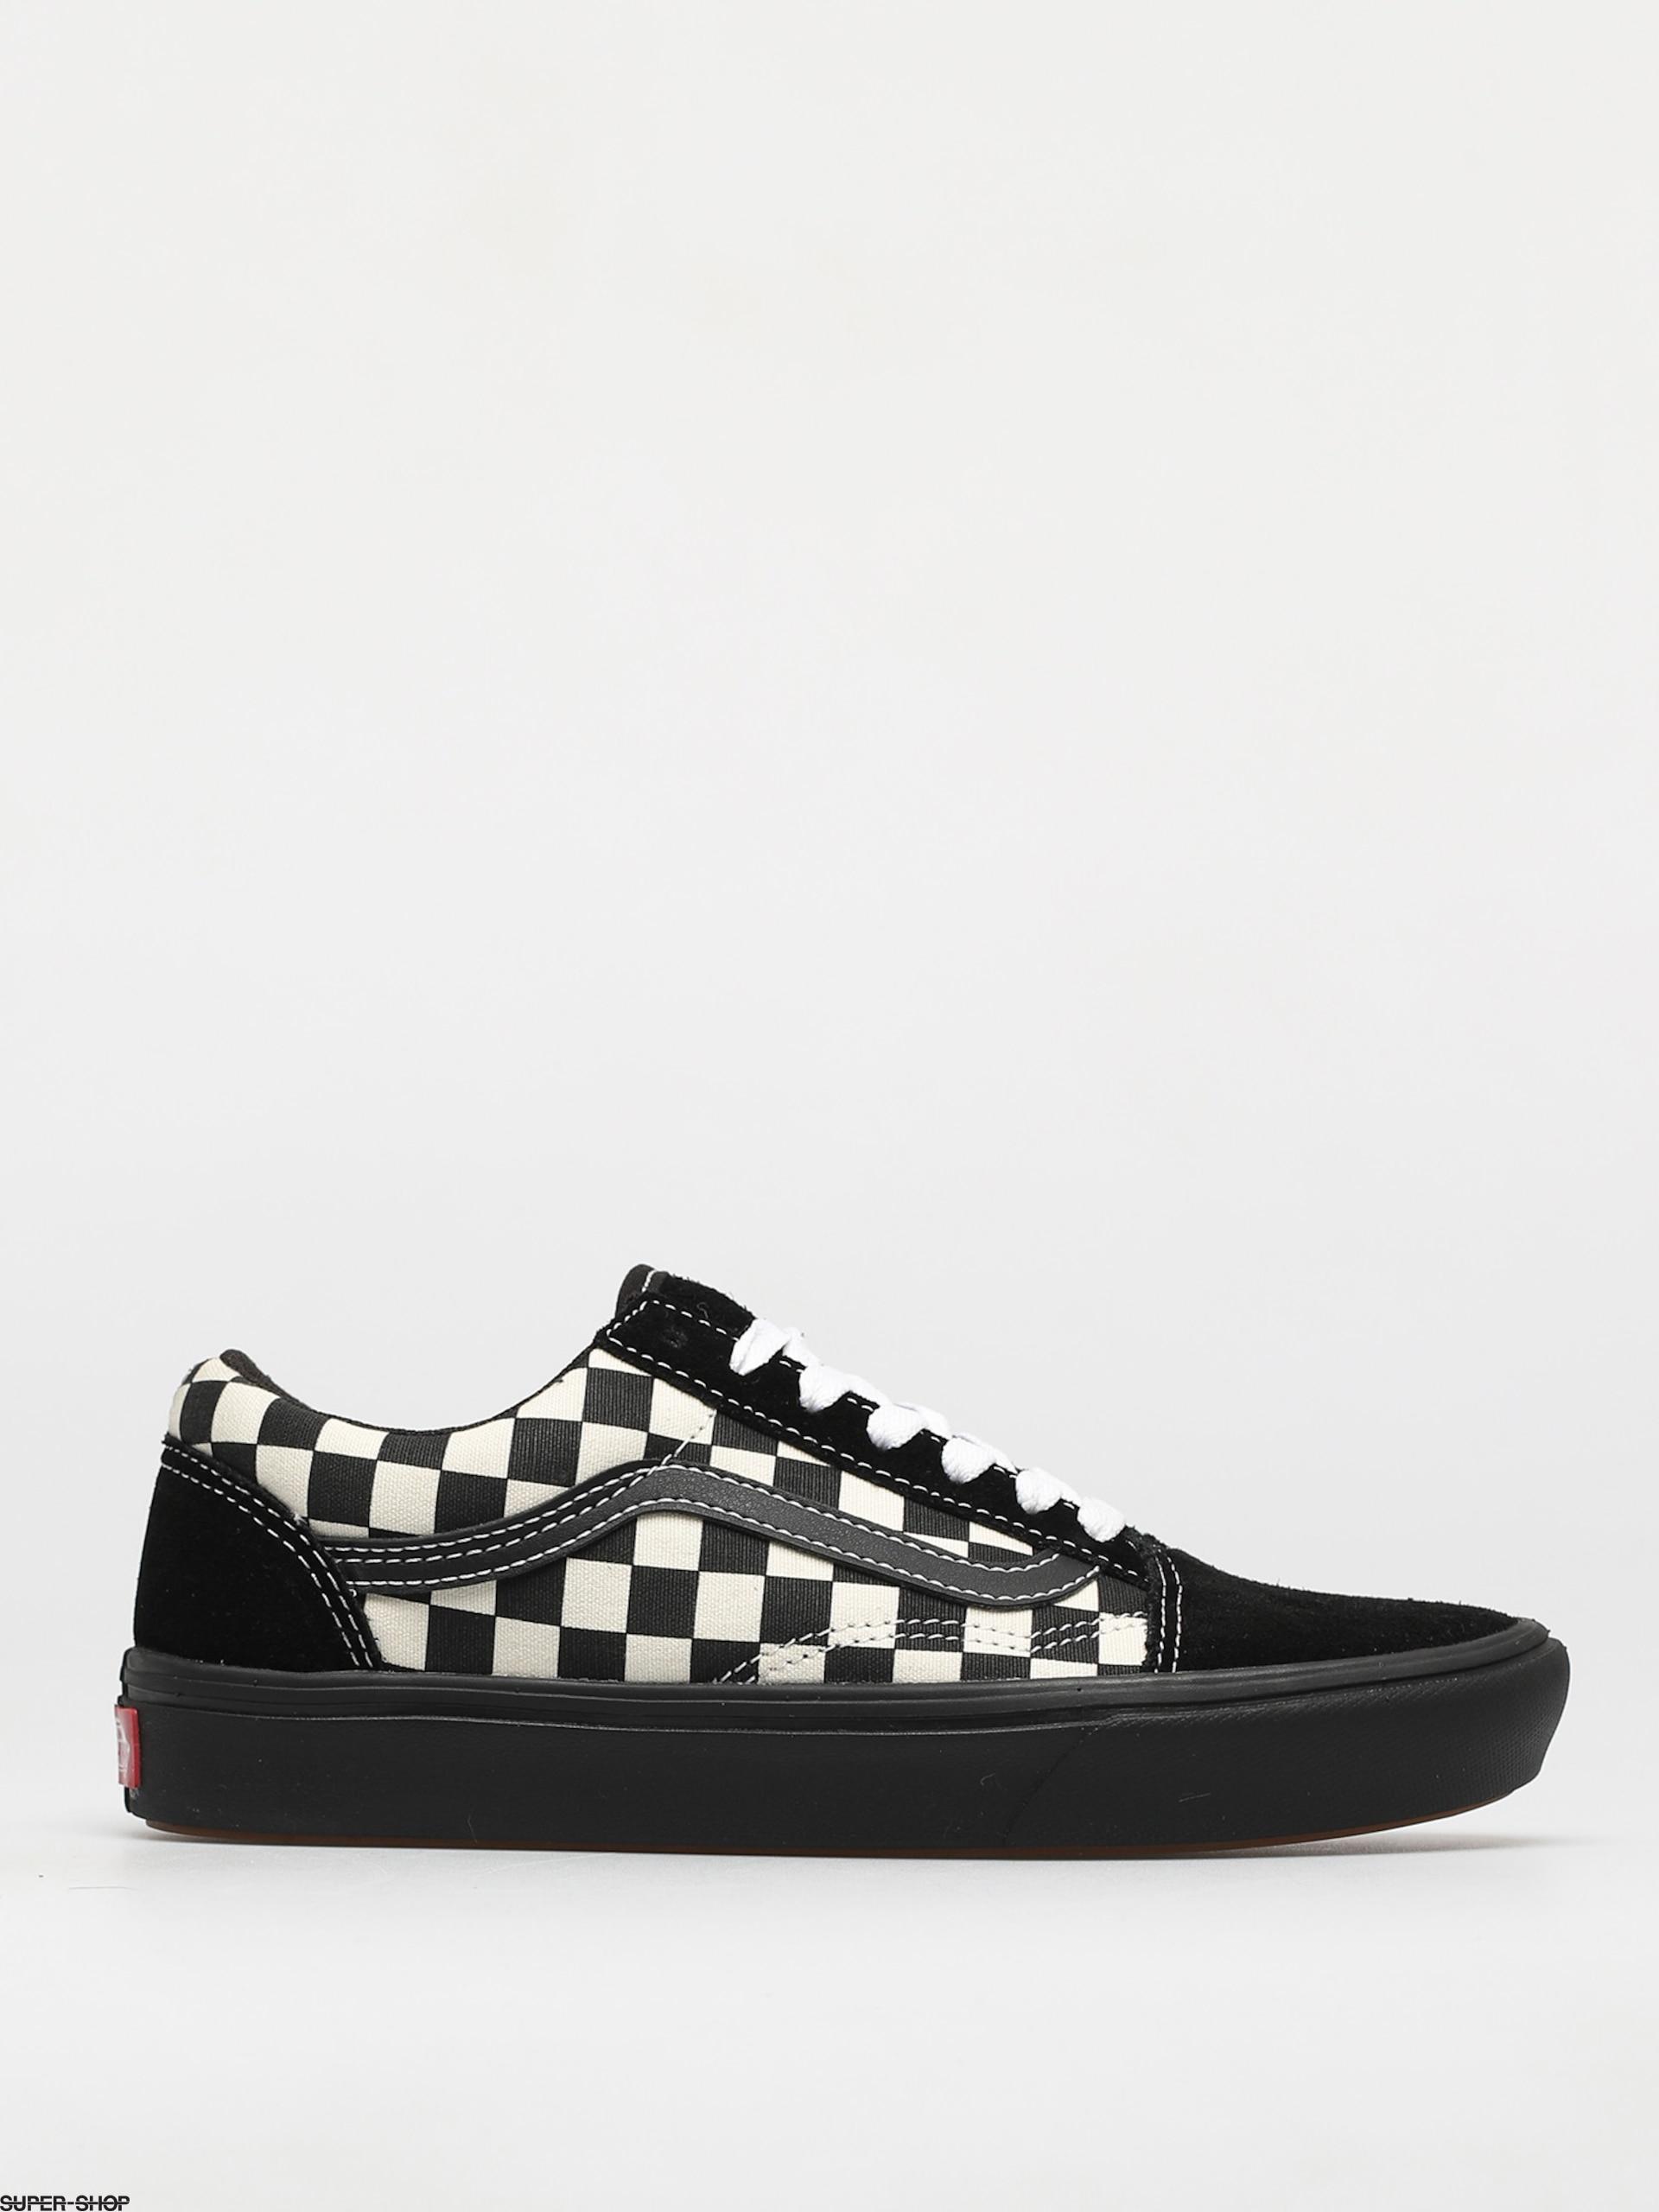 Vans Comfycush Old Skool Shoes (mixed media/antque/wht/blk)